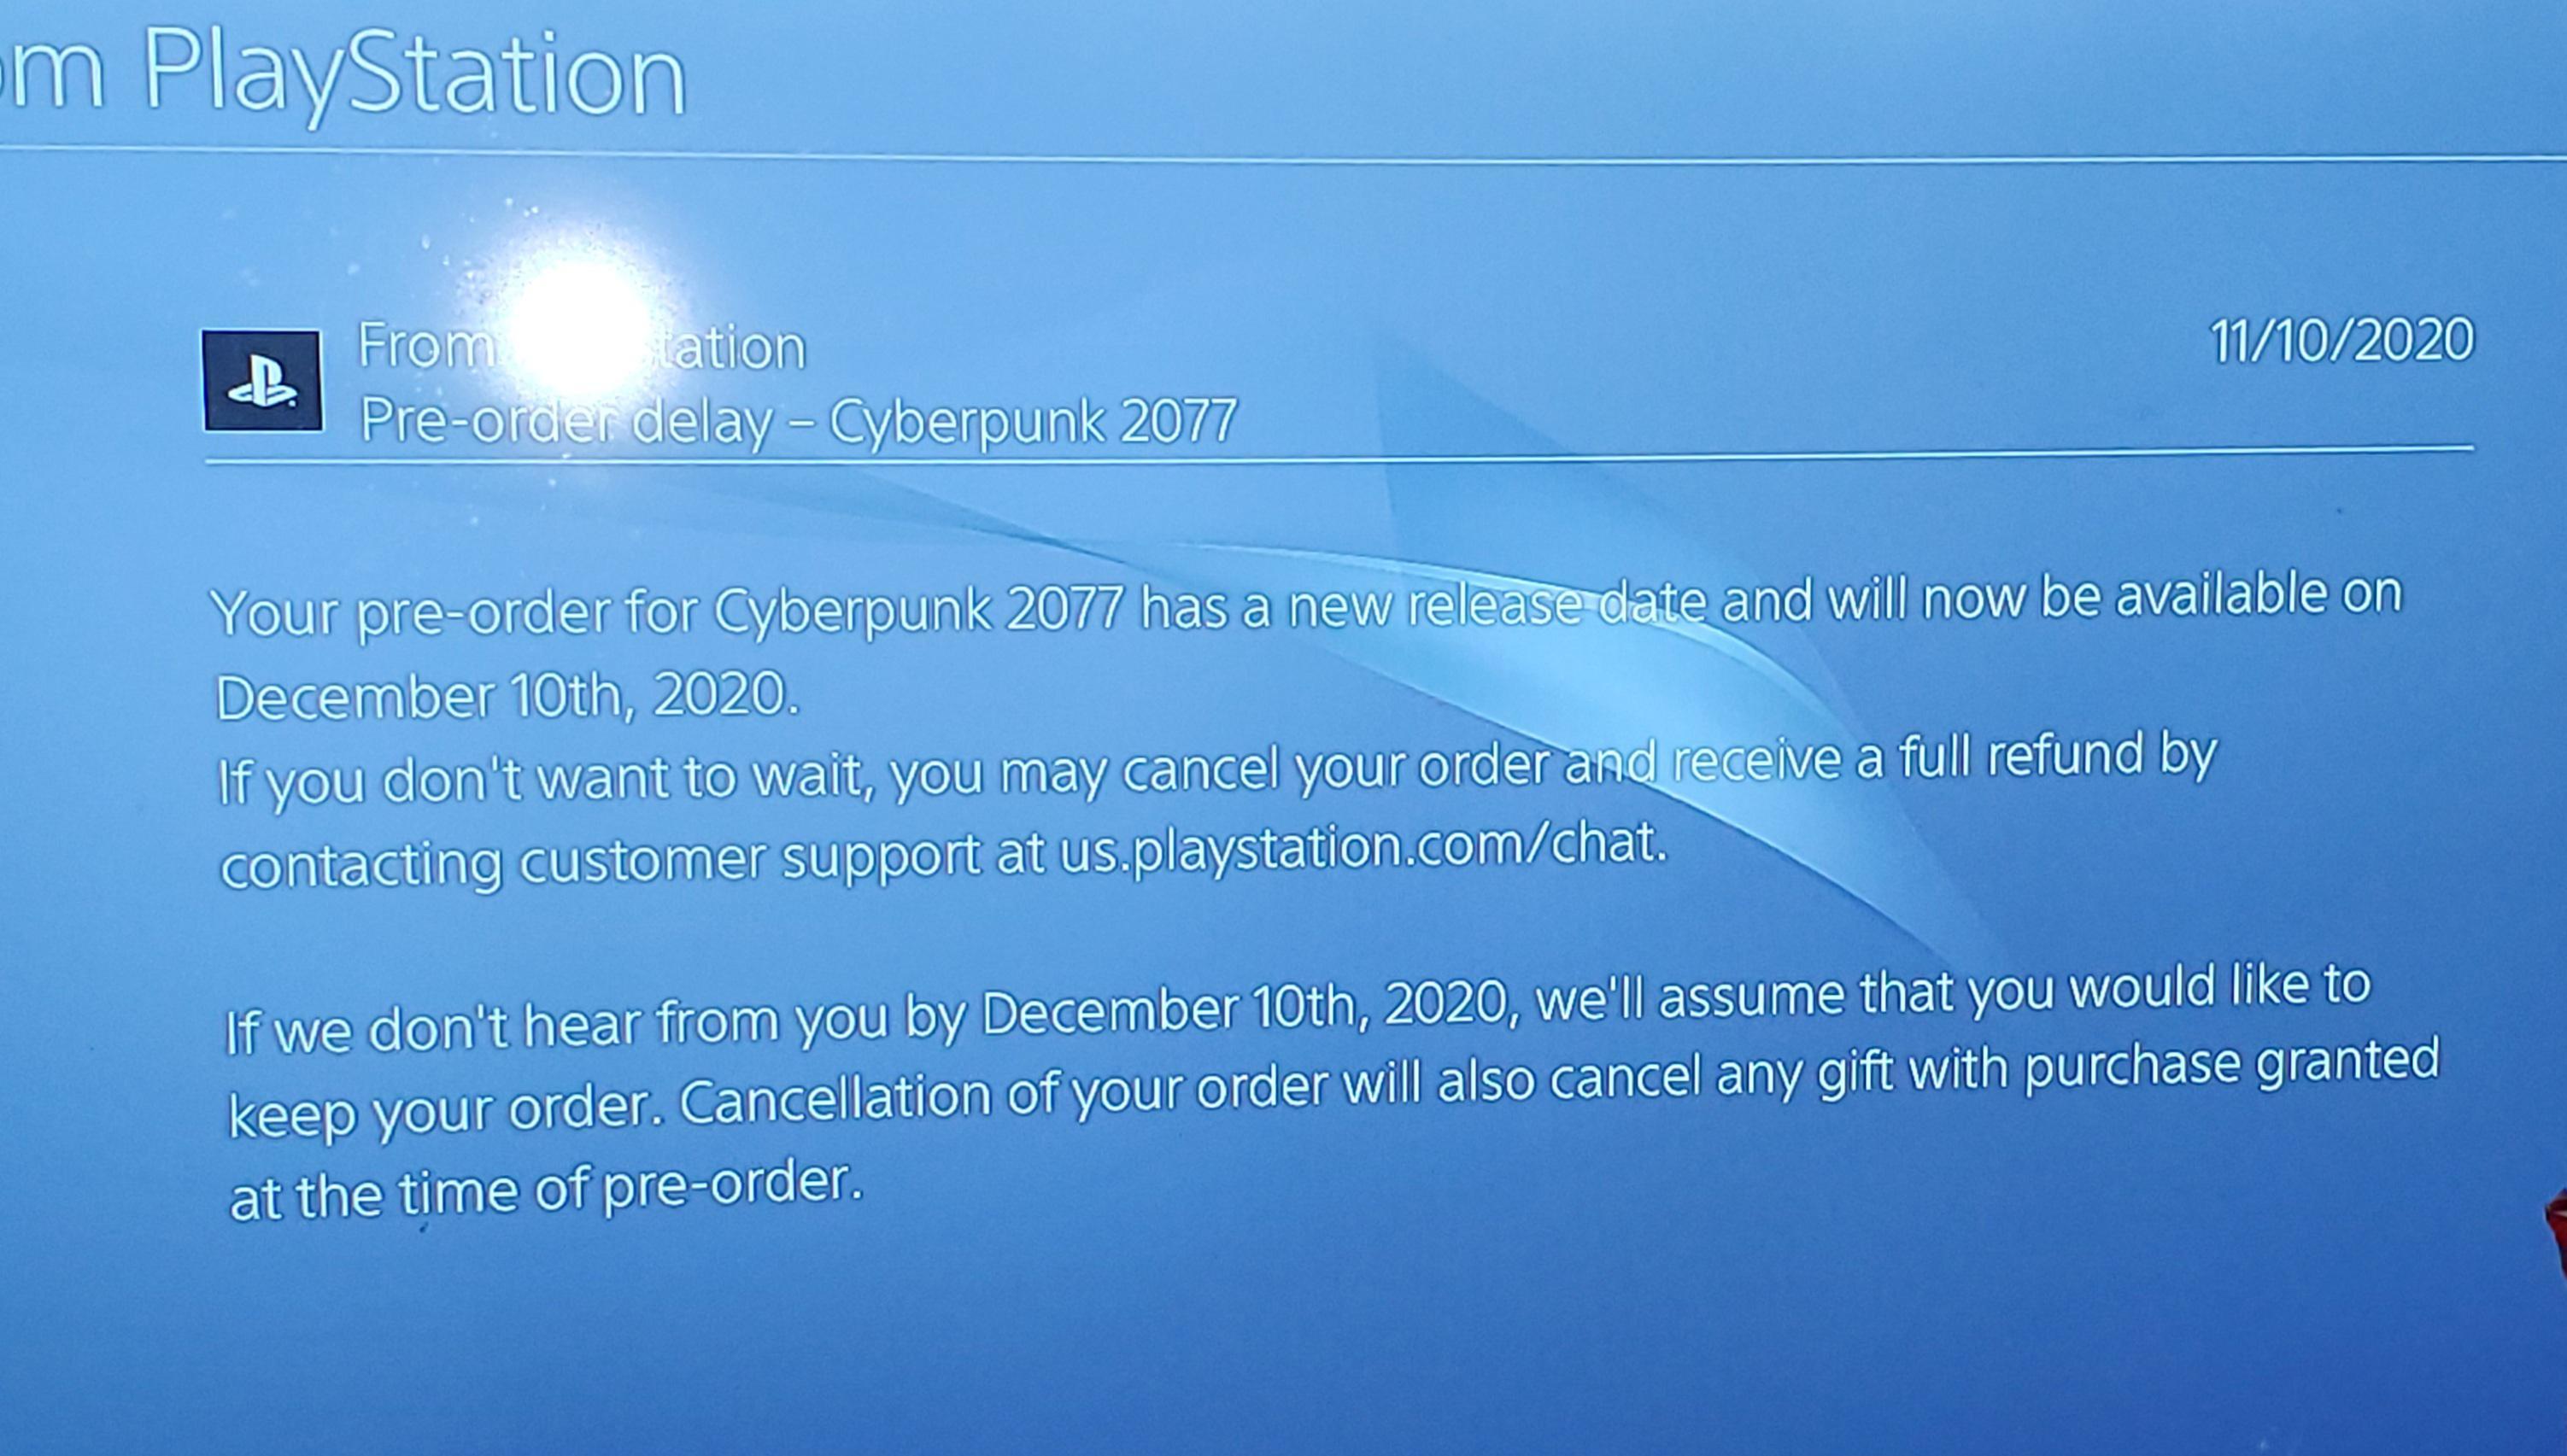 跳票后 索尼给没有预购《赛博朋克2077》的玩家也发了撤销预购告诉